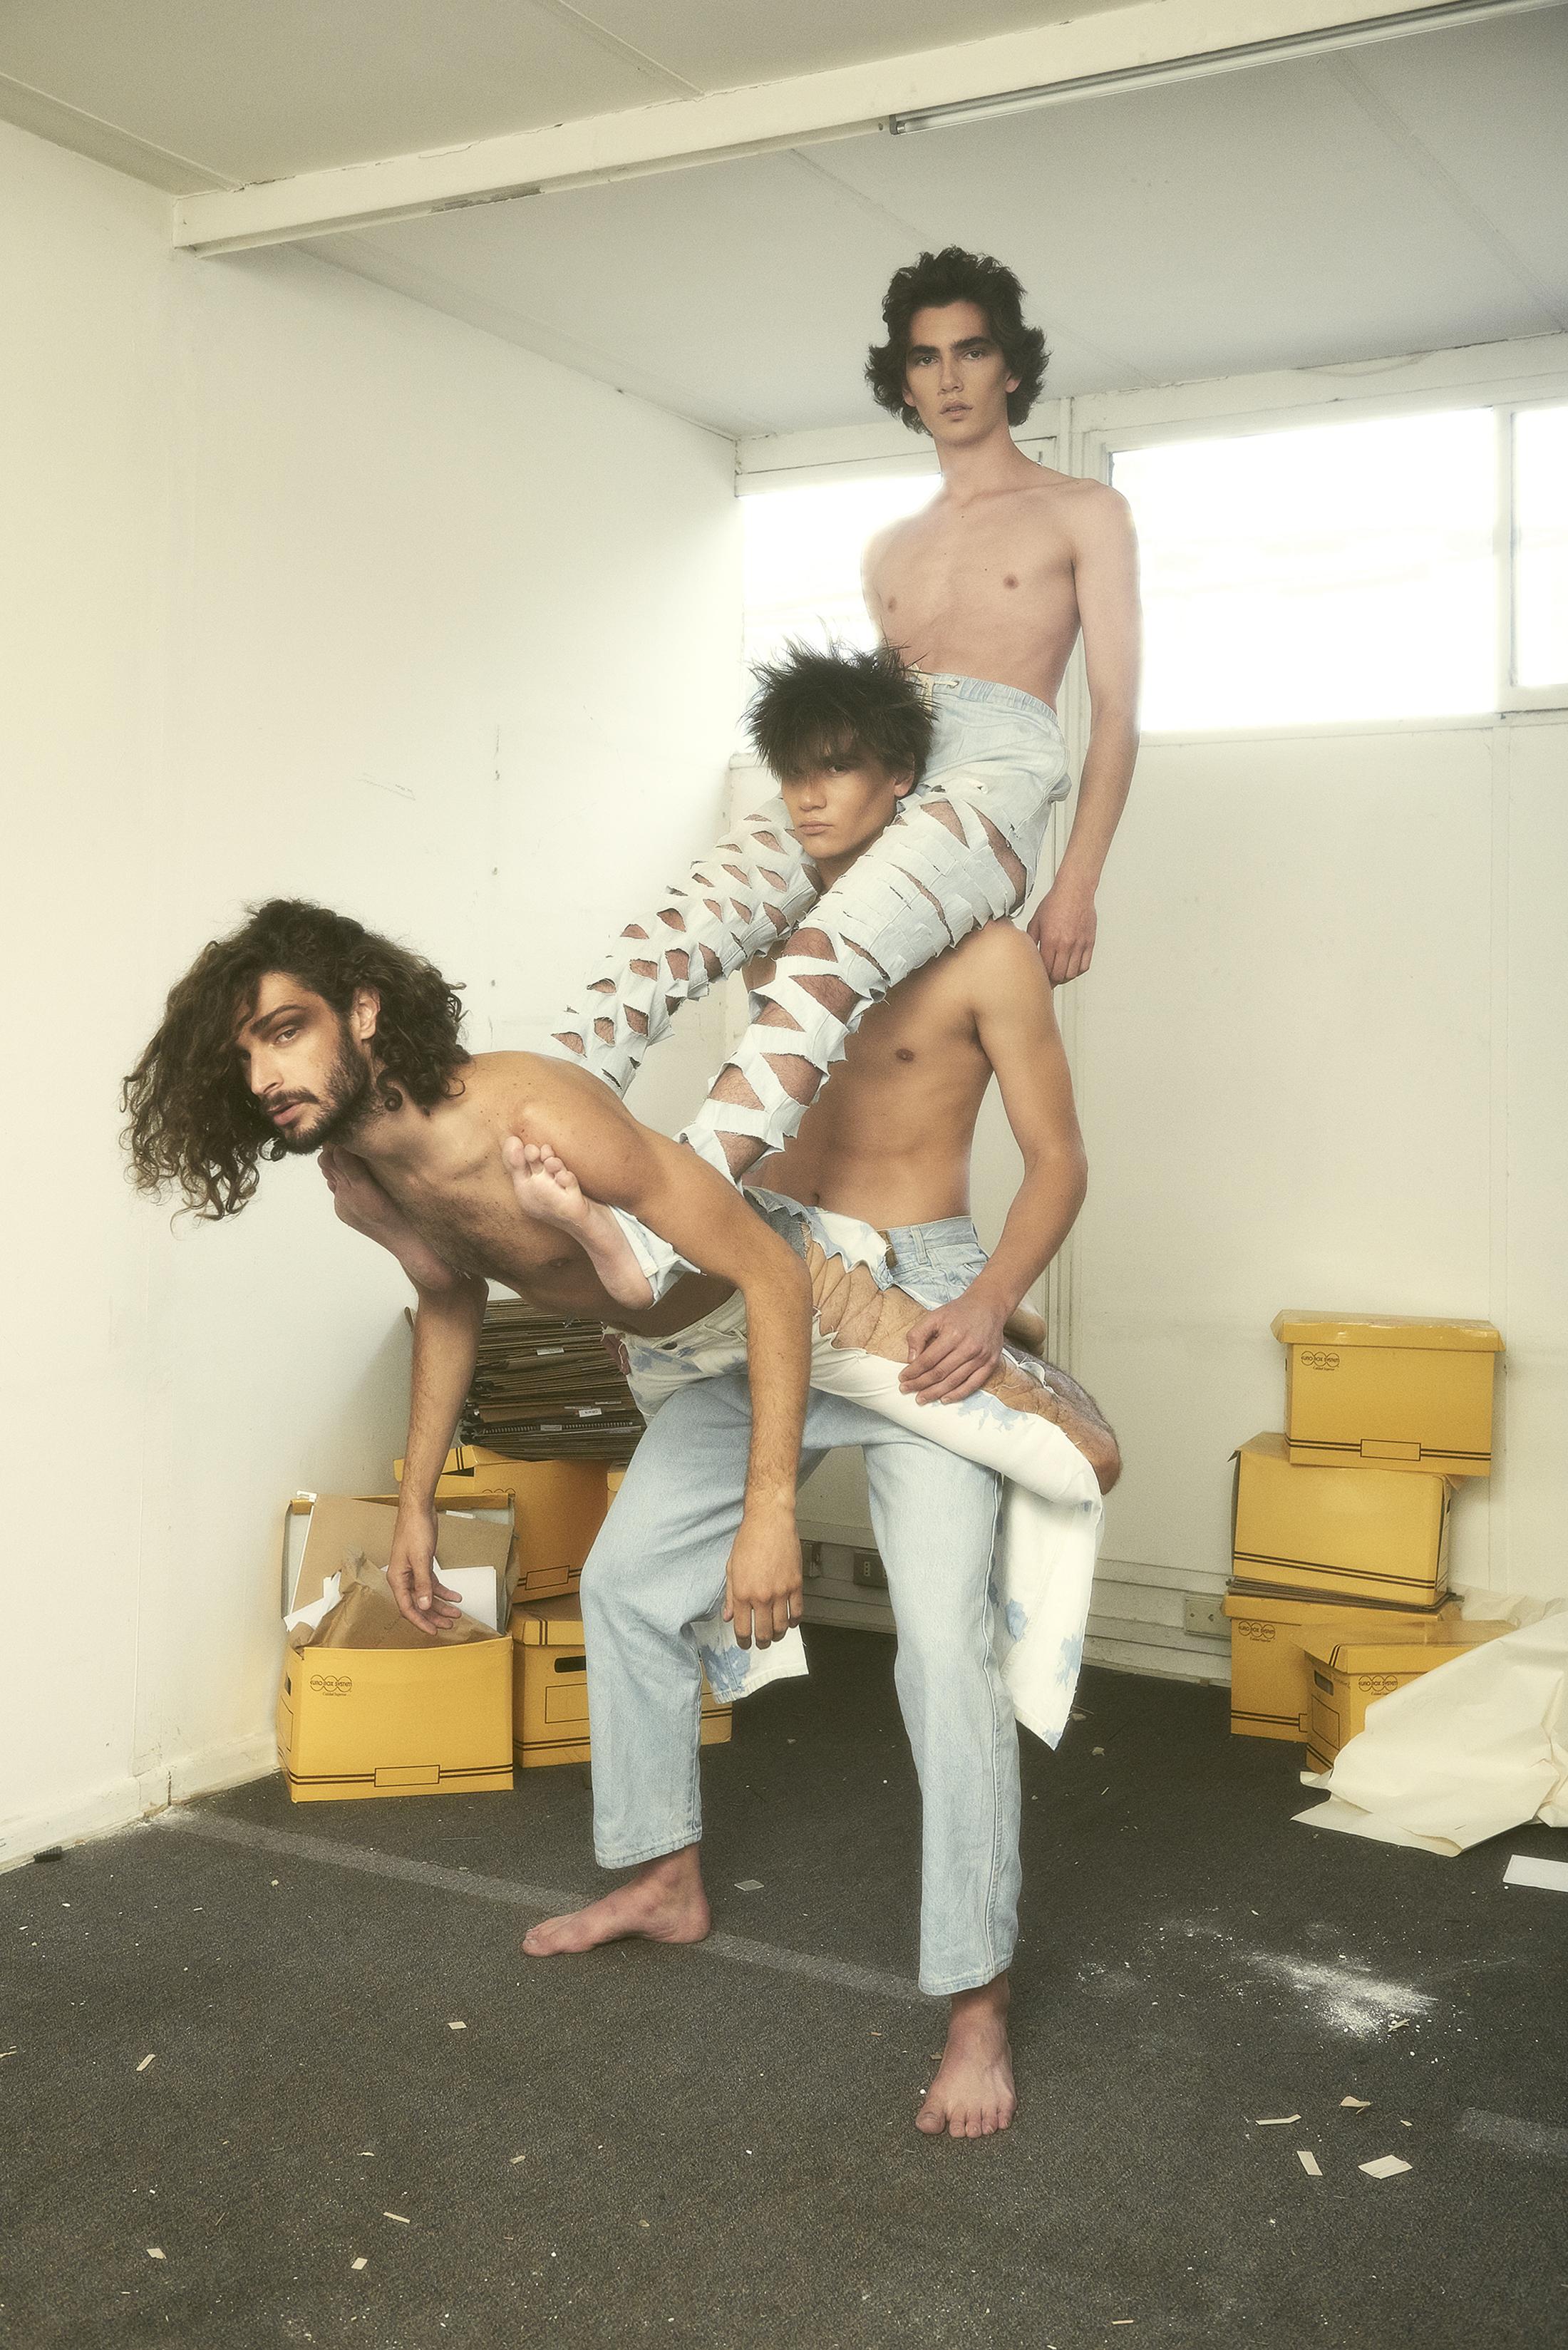 Germán y Diego visten pantalones diseñados por el estilista. Davor viste pantalones de ACUARIO.